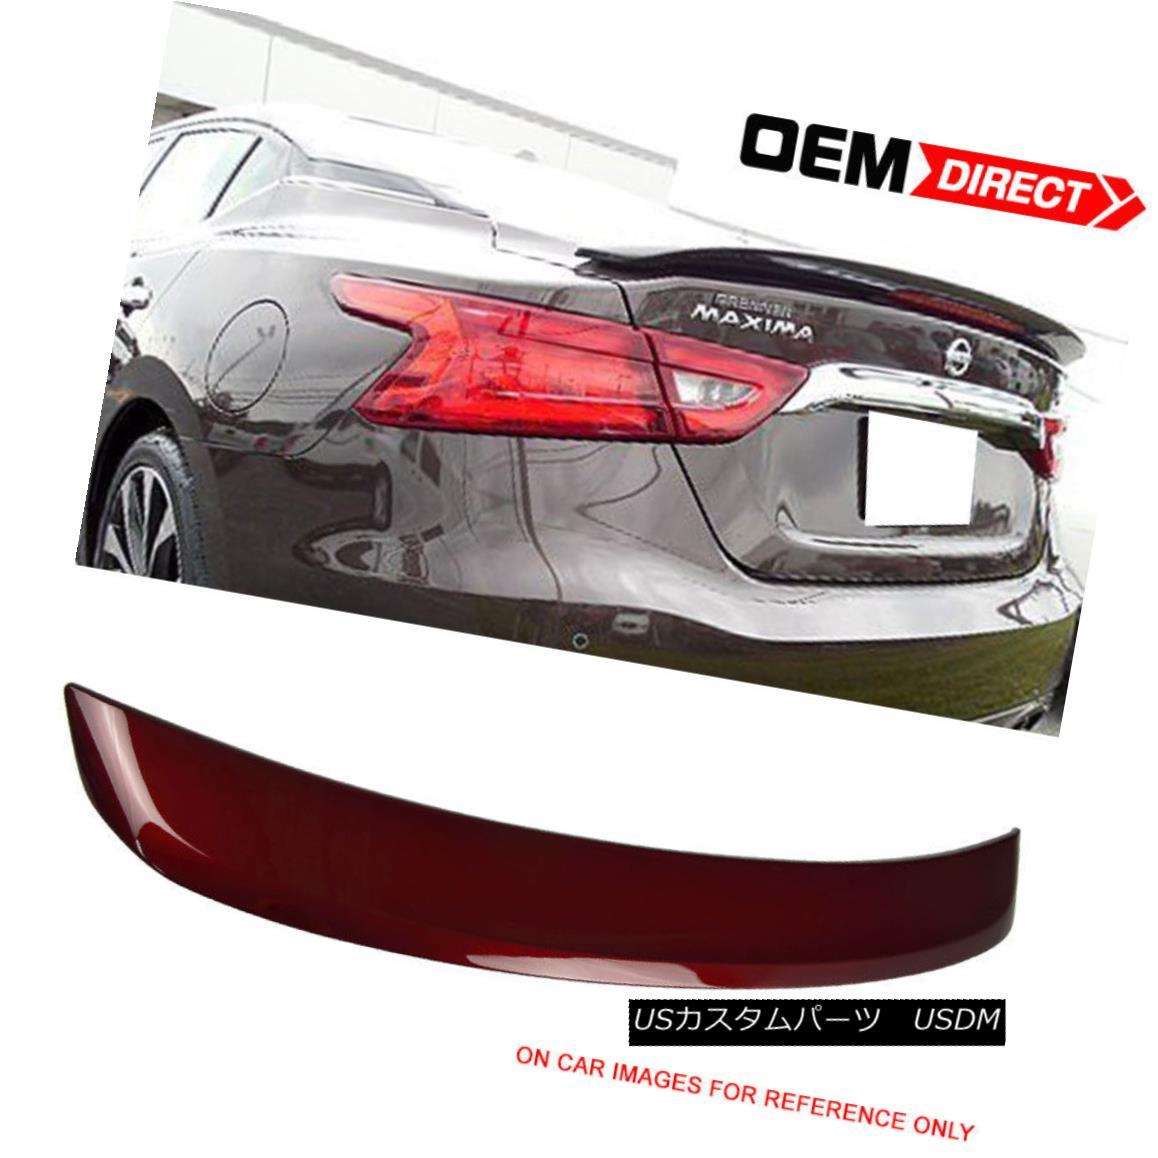 エアロパーツ Fit For 16-18 Maxima OE2 ABS Trunk Spoiler Painted Coulis Red # NAW 16-18 Maxima OE2 ABSトランク・スポイラー・ペイント・クールス・レッド#NAW